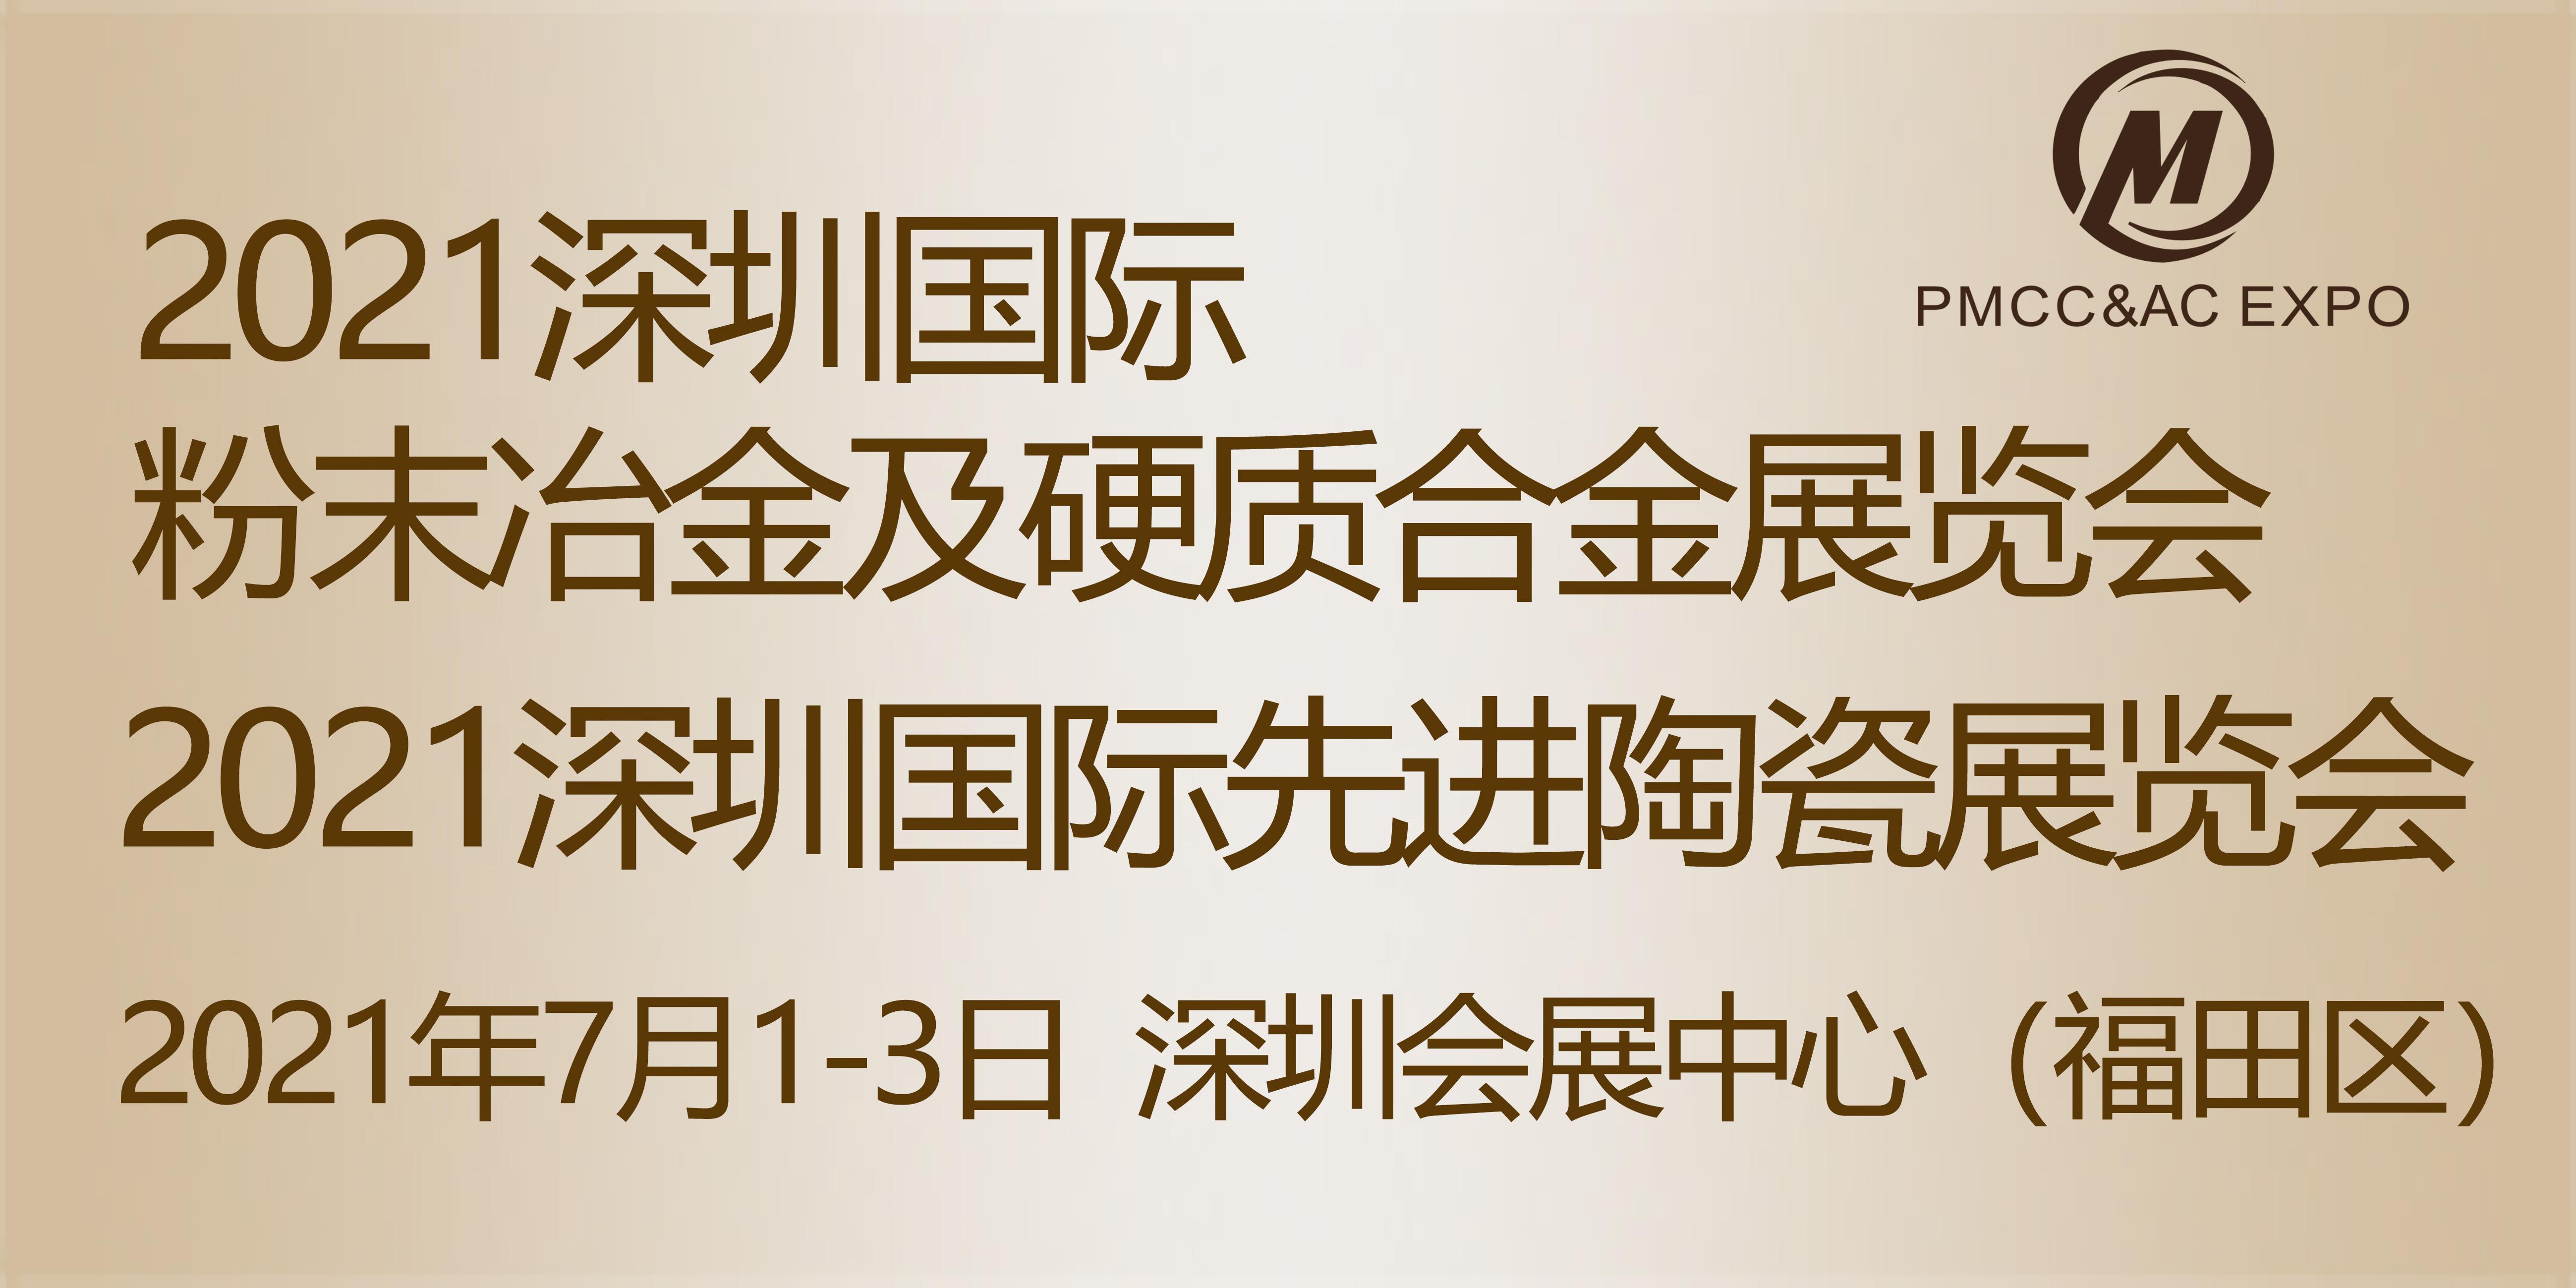 2021深圳國際粉末冶金、硬質合金及先進陶瓷展覽會